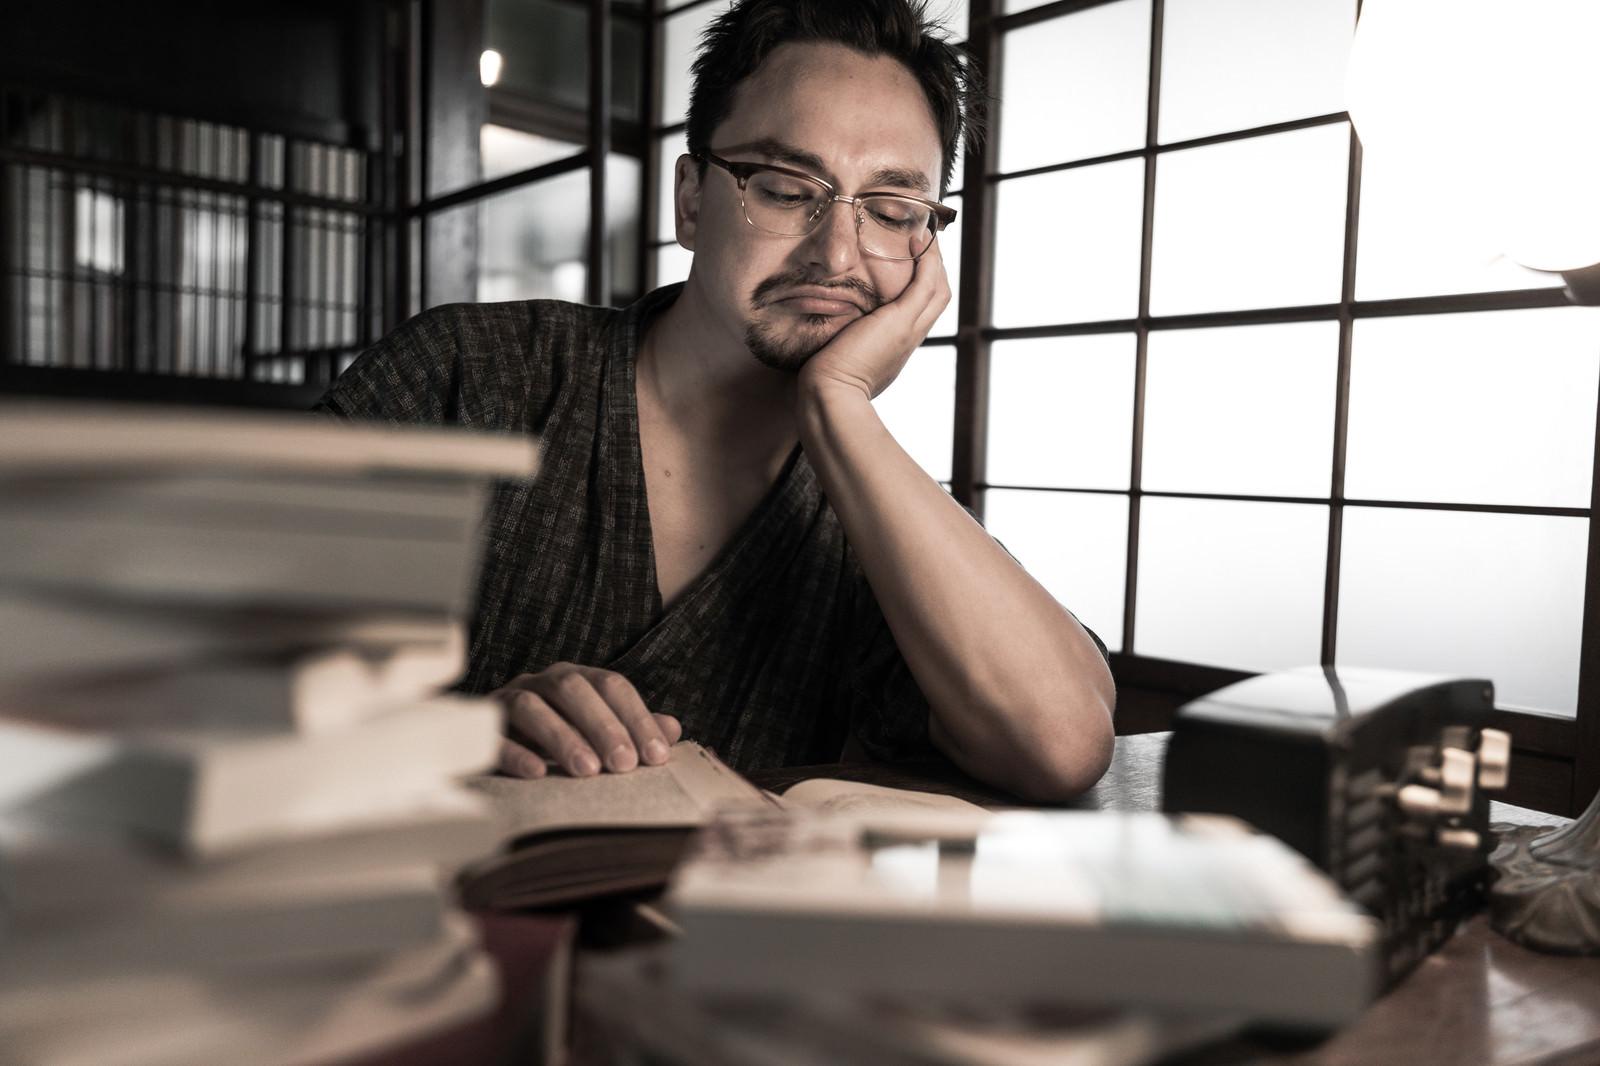 「文豪の真似をしながら書籍を読む外国人」の写真[モデル:Max_Ezaki]